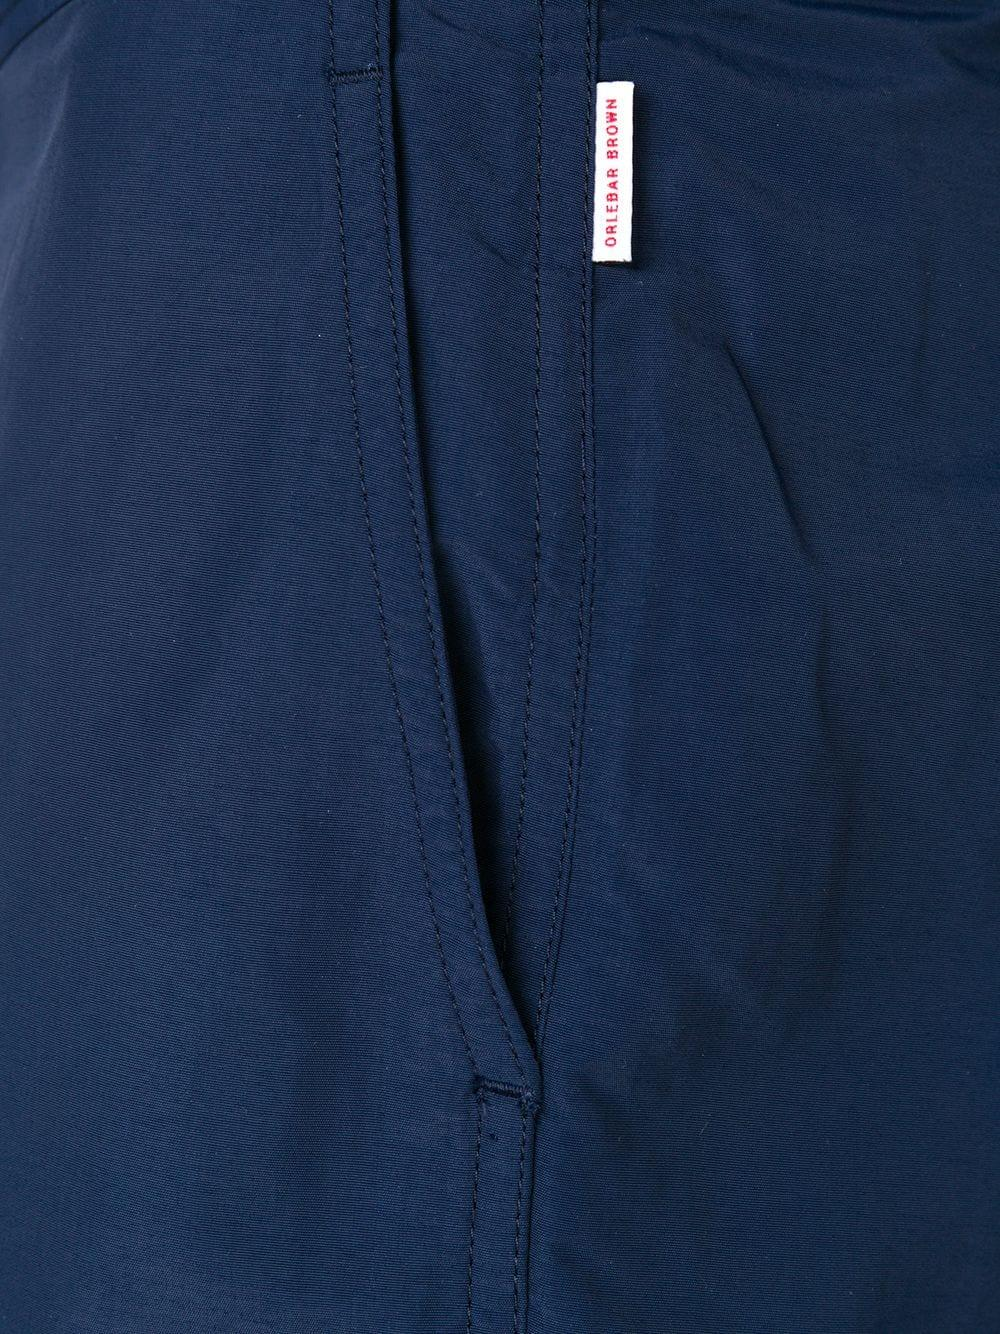 Orlebar Brown Getailleerde Shorts in het Blauw voor heren